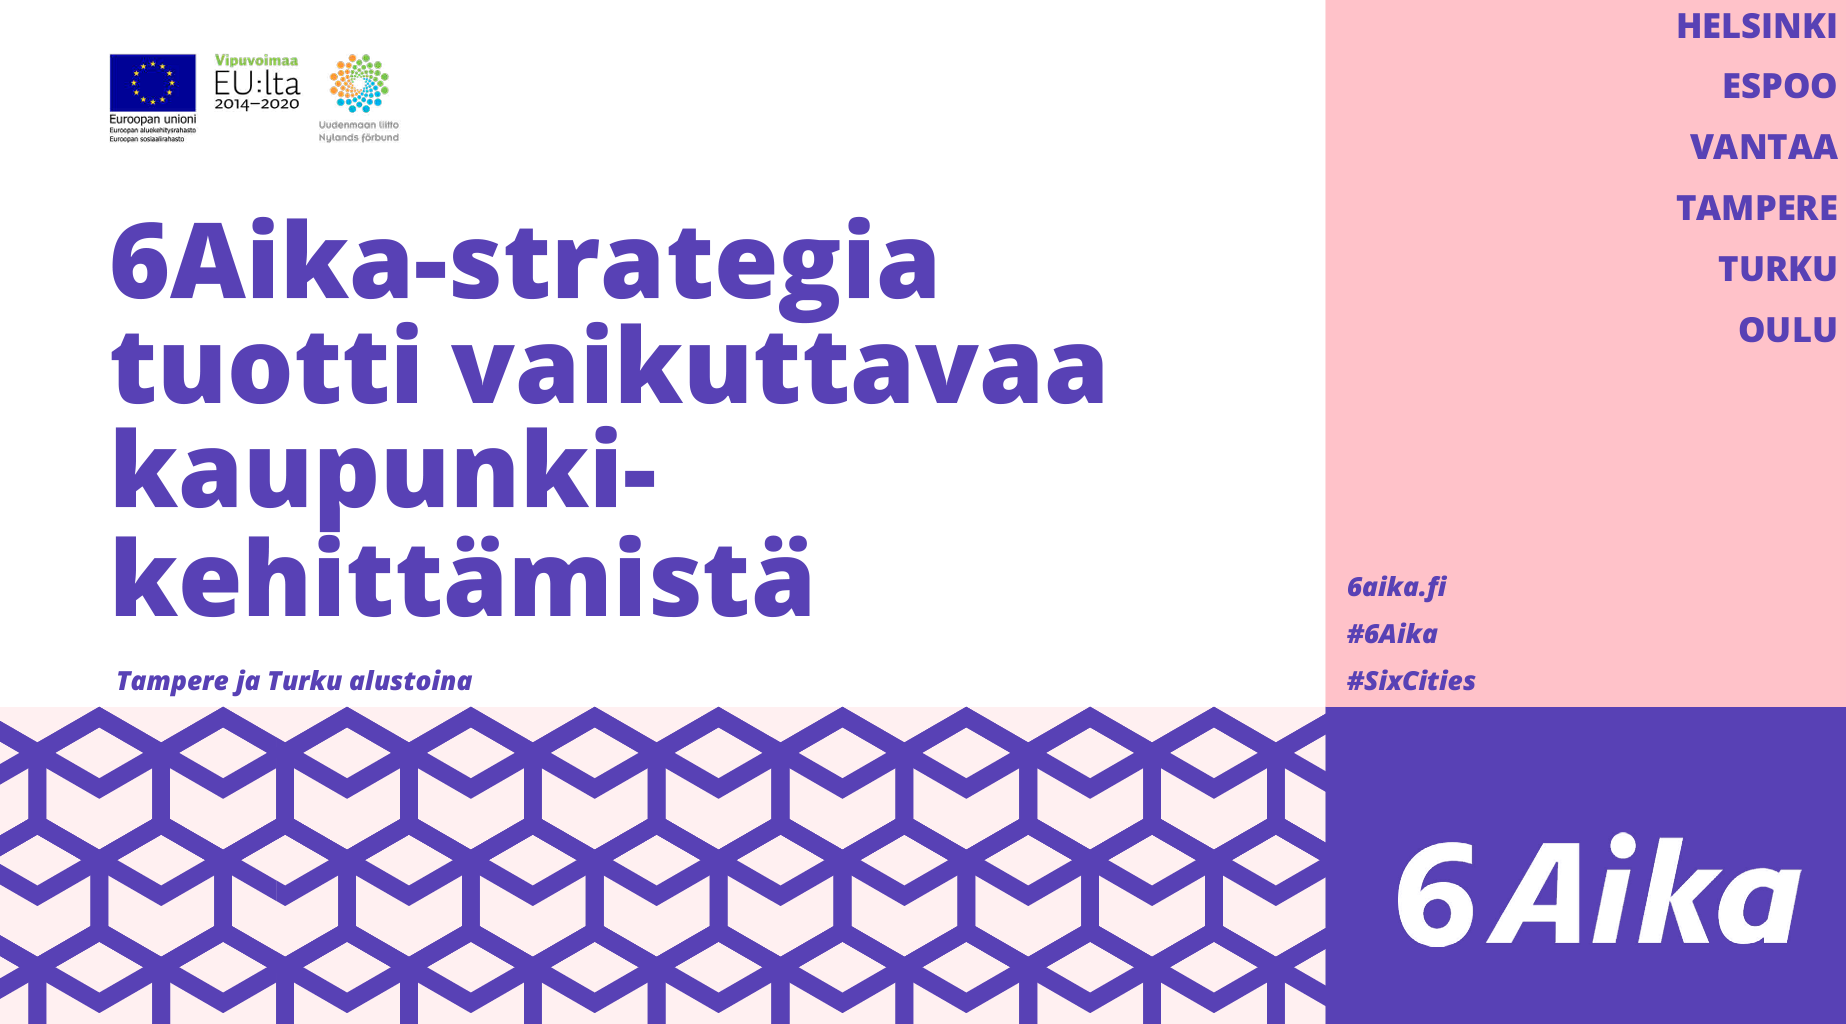 Cover for article '6Aika-strategia tuotti vaikuttavaa kaupunki-kehittämistä – Tampere ja Turku innovaatioalustoina'